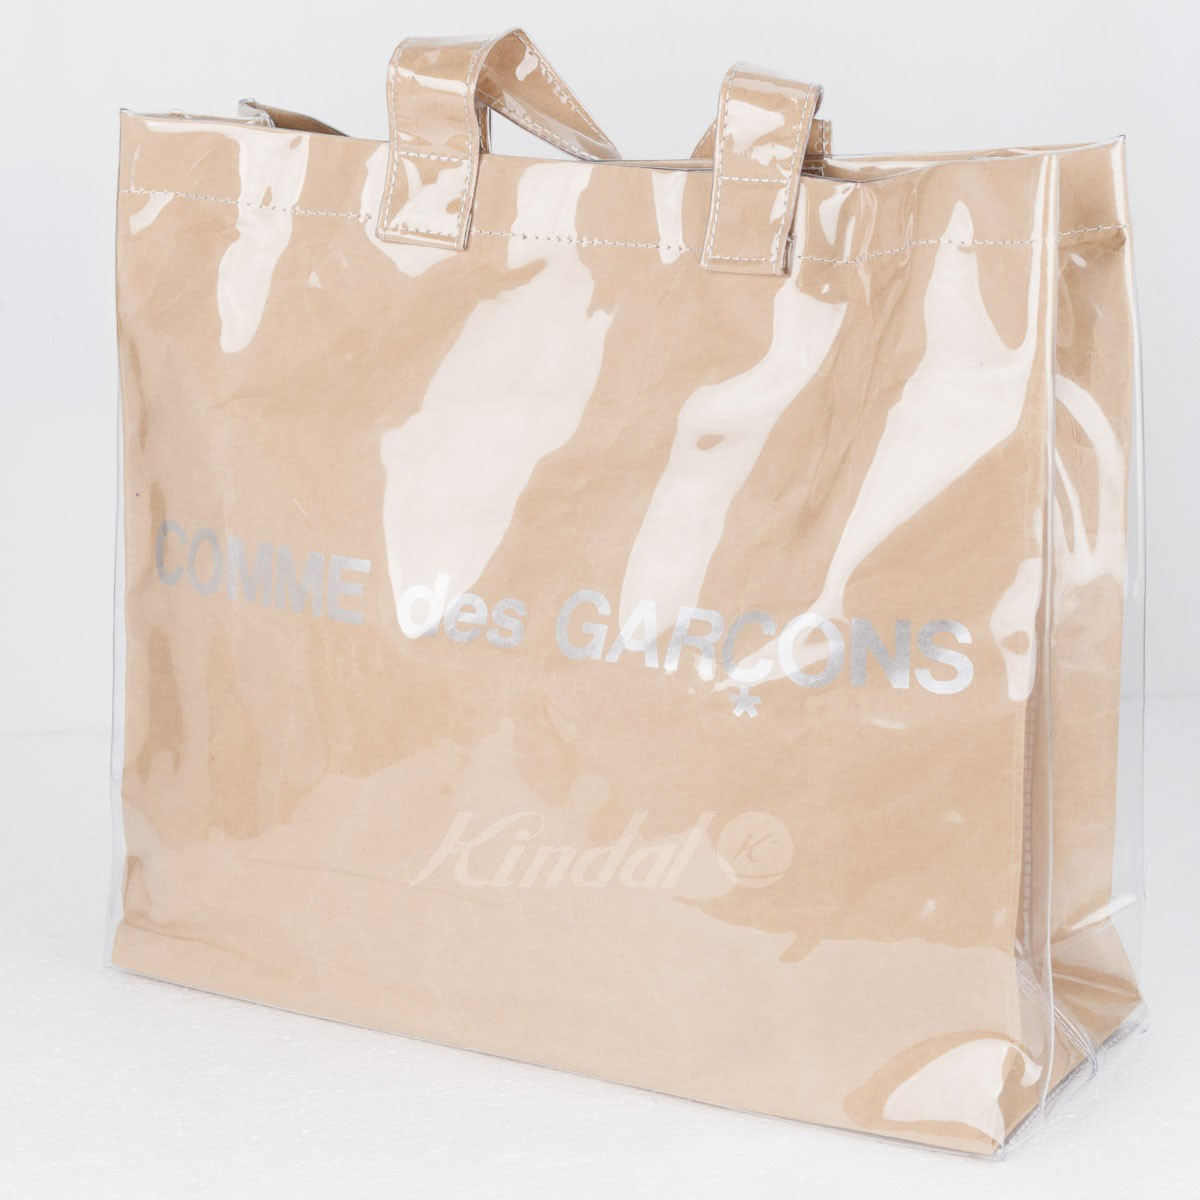 【中古】COMME des GARCONS PVCトートバッグ 【送料無料】 【023078】 【KIND1551】